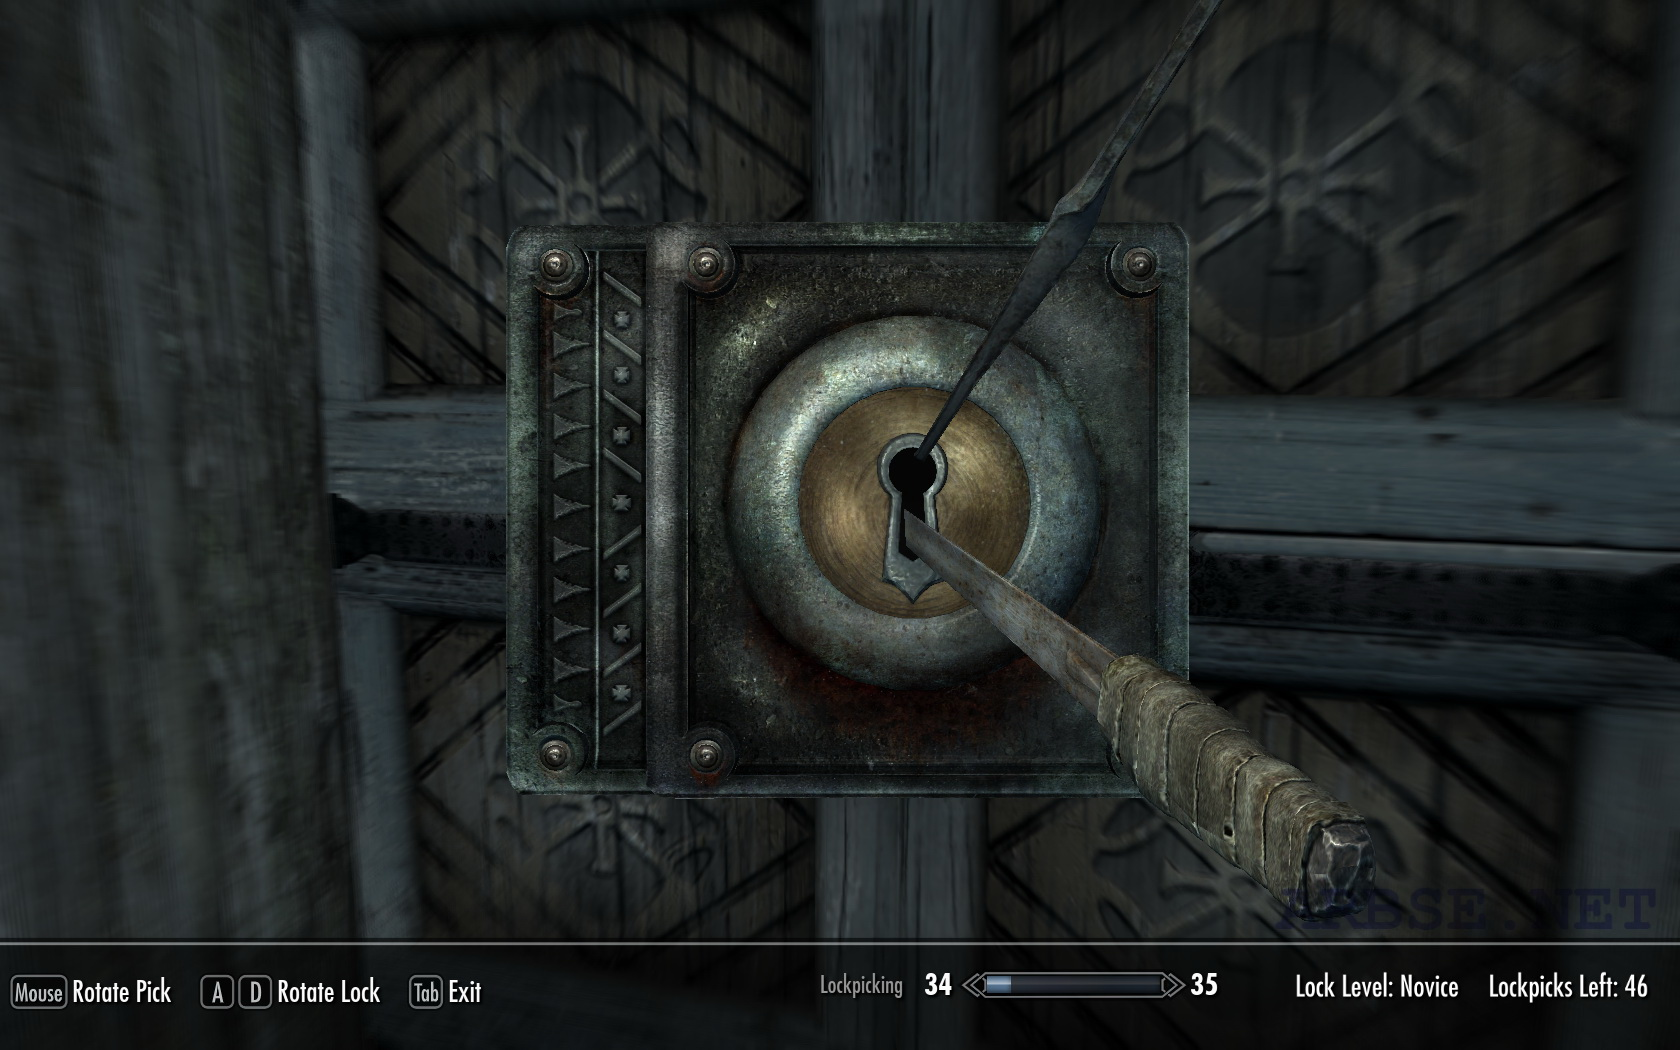 Чит коды на скайрим на открывание дверей